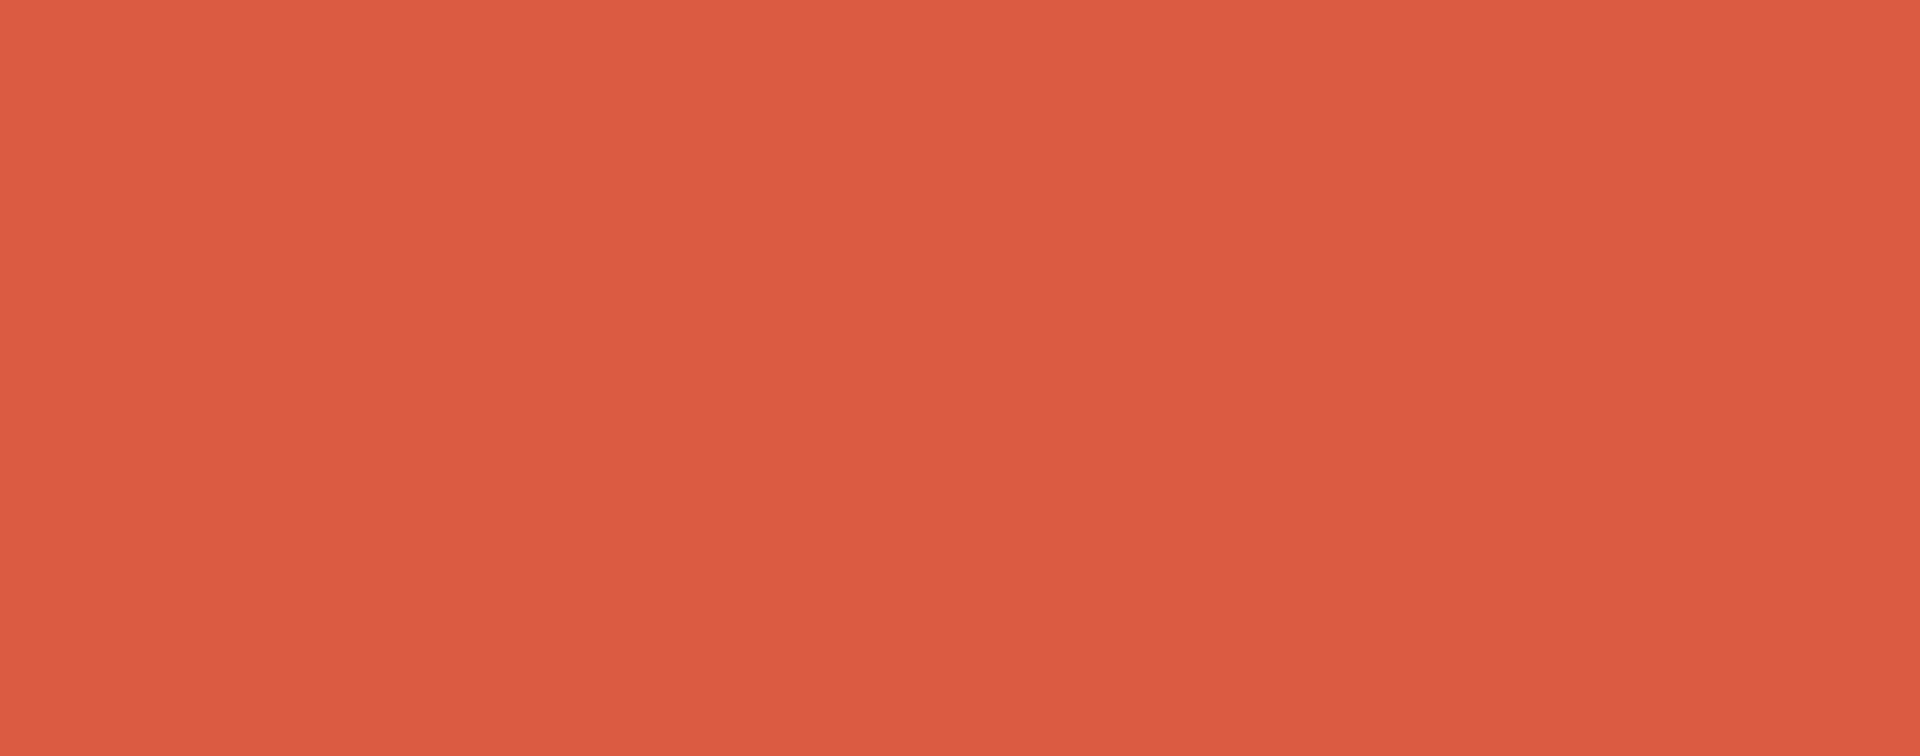 large_orange_background_image